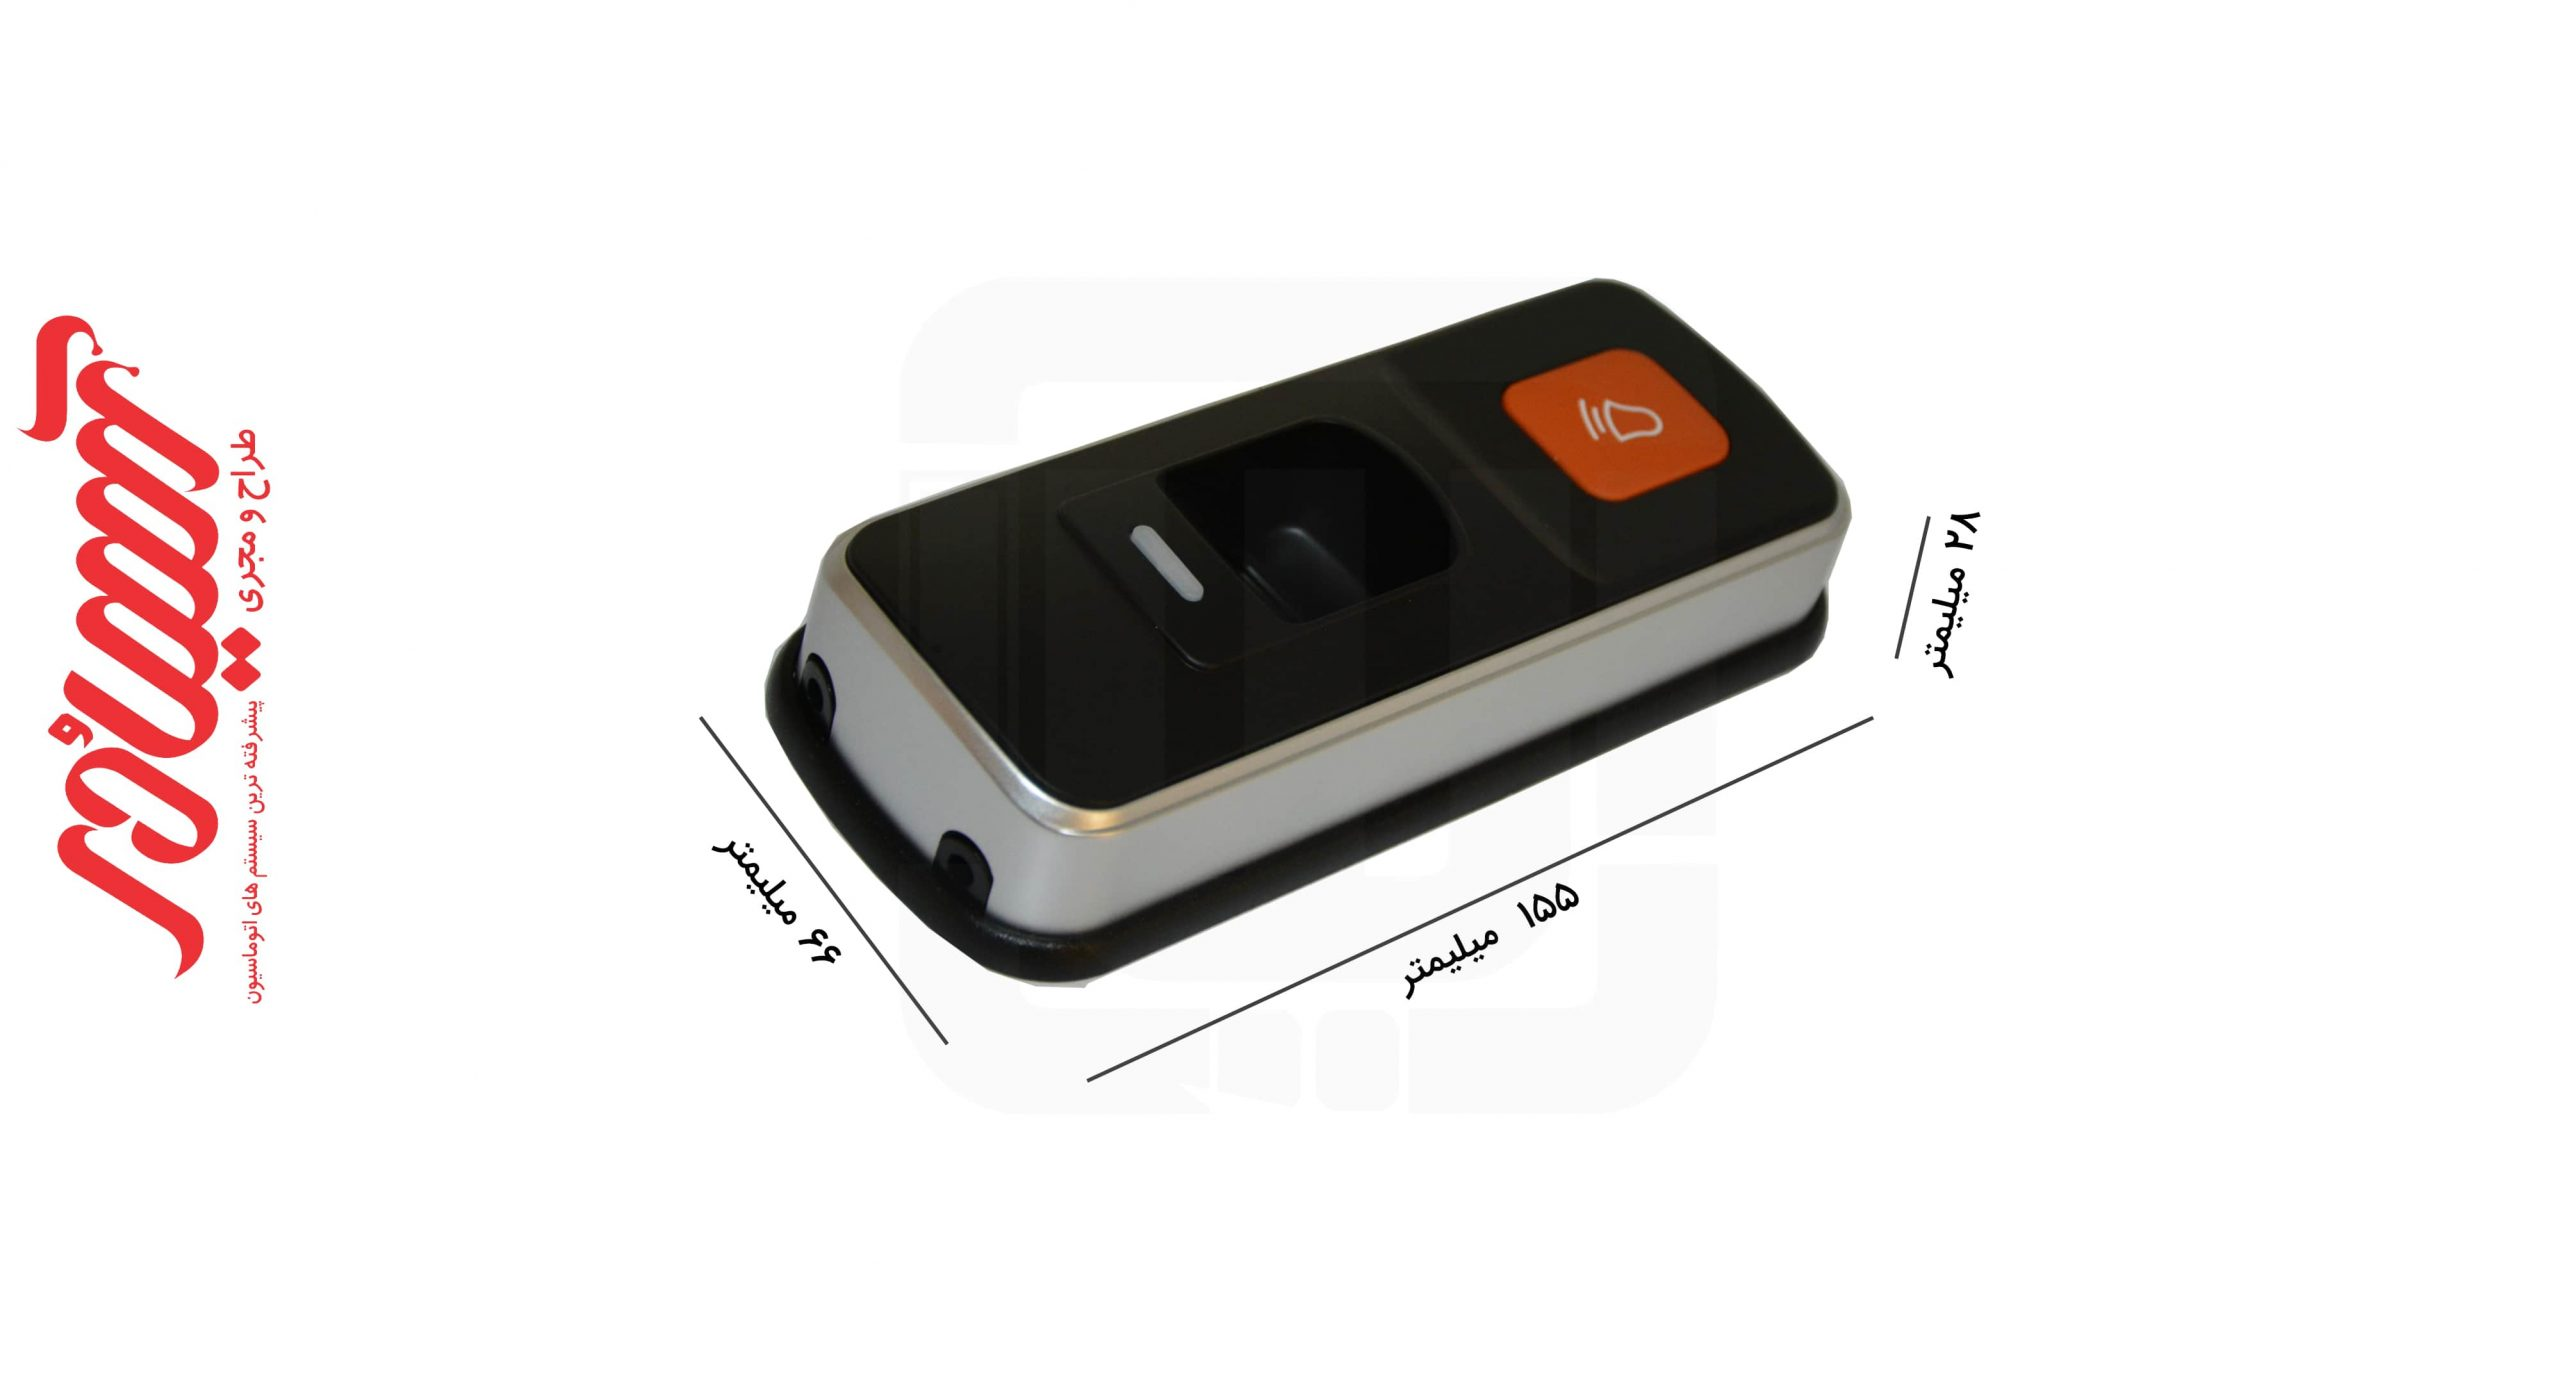 ابعاد دستگاه کنترل تردد زوتر ZOTER F100